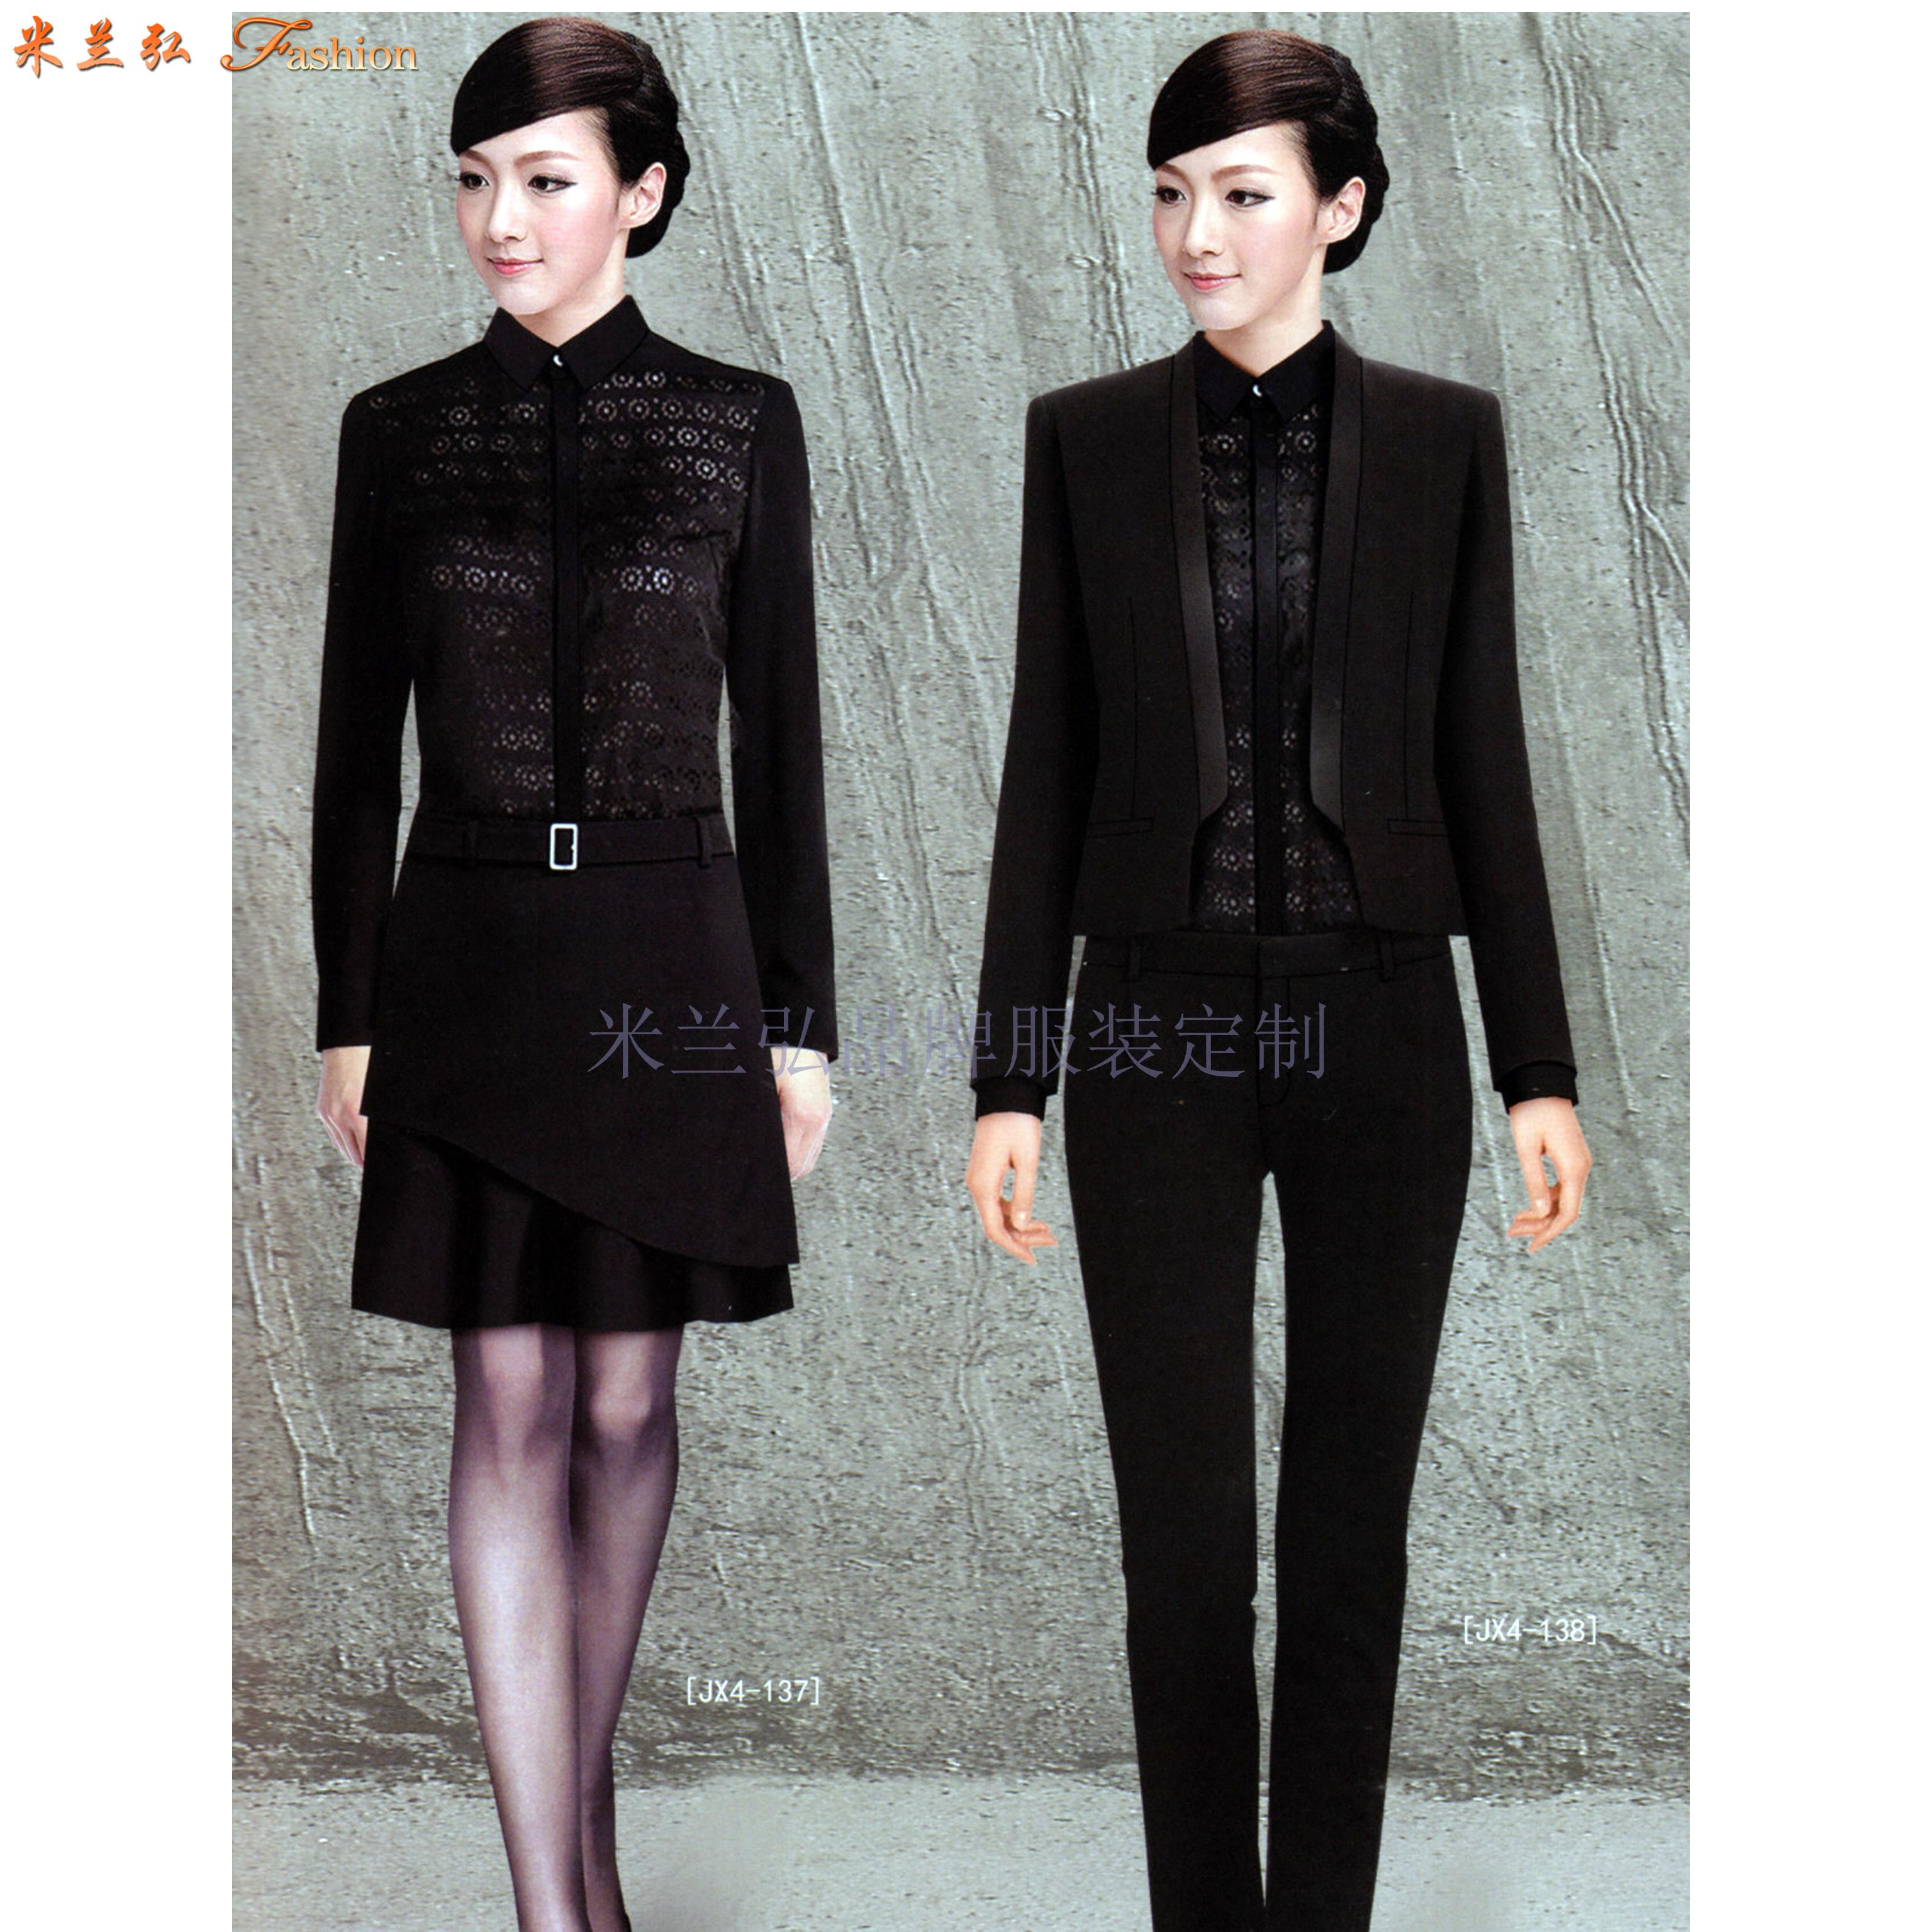 廊坊時尚職業裝訂做|秋冬新款女式兩件套搭配毛滌嗶嘰職業西服-5